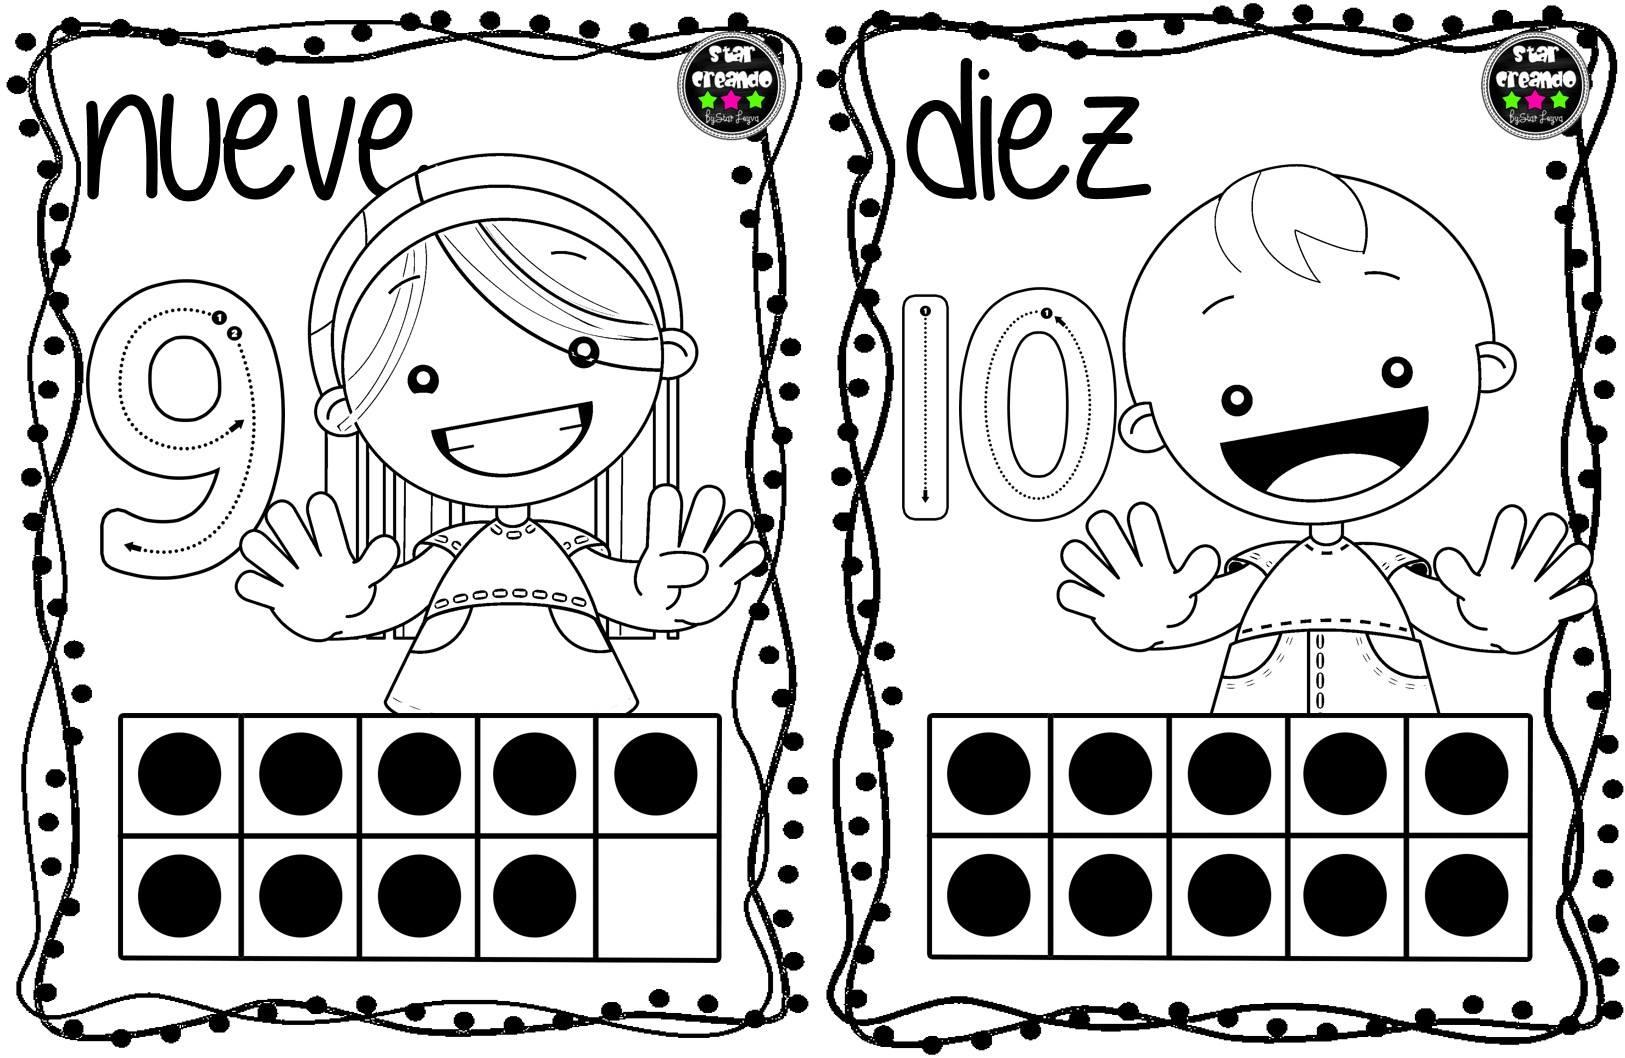 Tarjetas números para colorear (1) - Imagenes Educativas